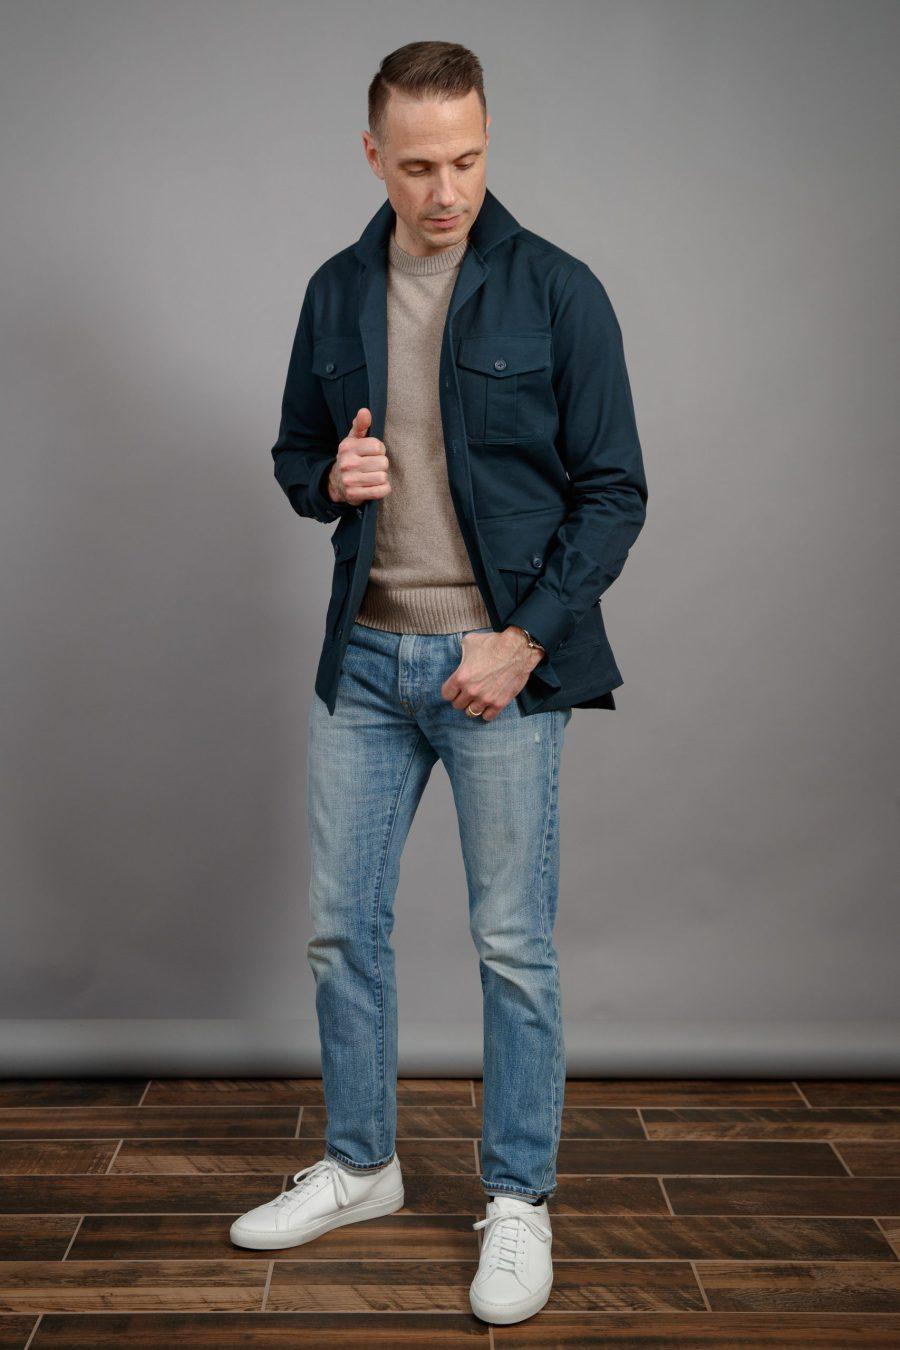 camisa-de-algodão-marinho-jaqueta-cabana-para-homens-lavagem-luz-denim-tan-suéter-branco-tênis-primavera-verão-2021